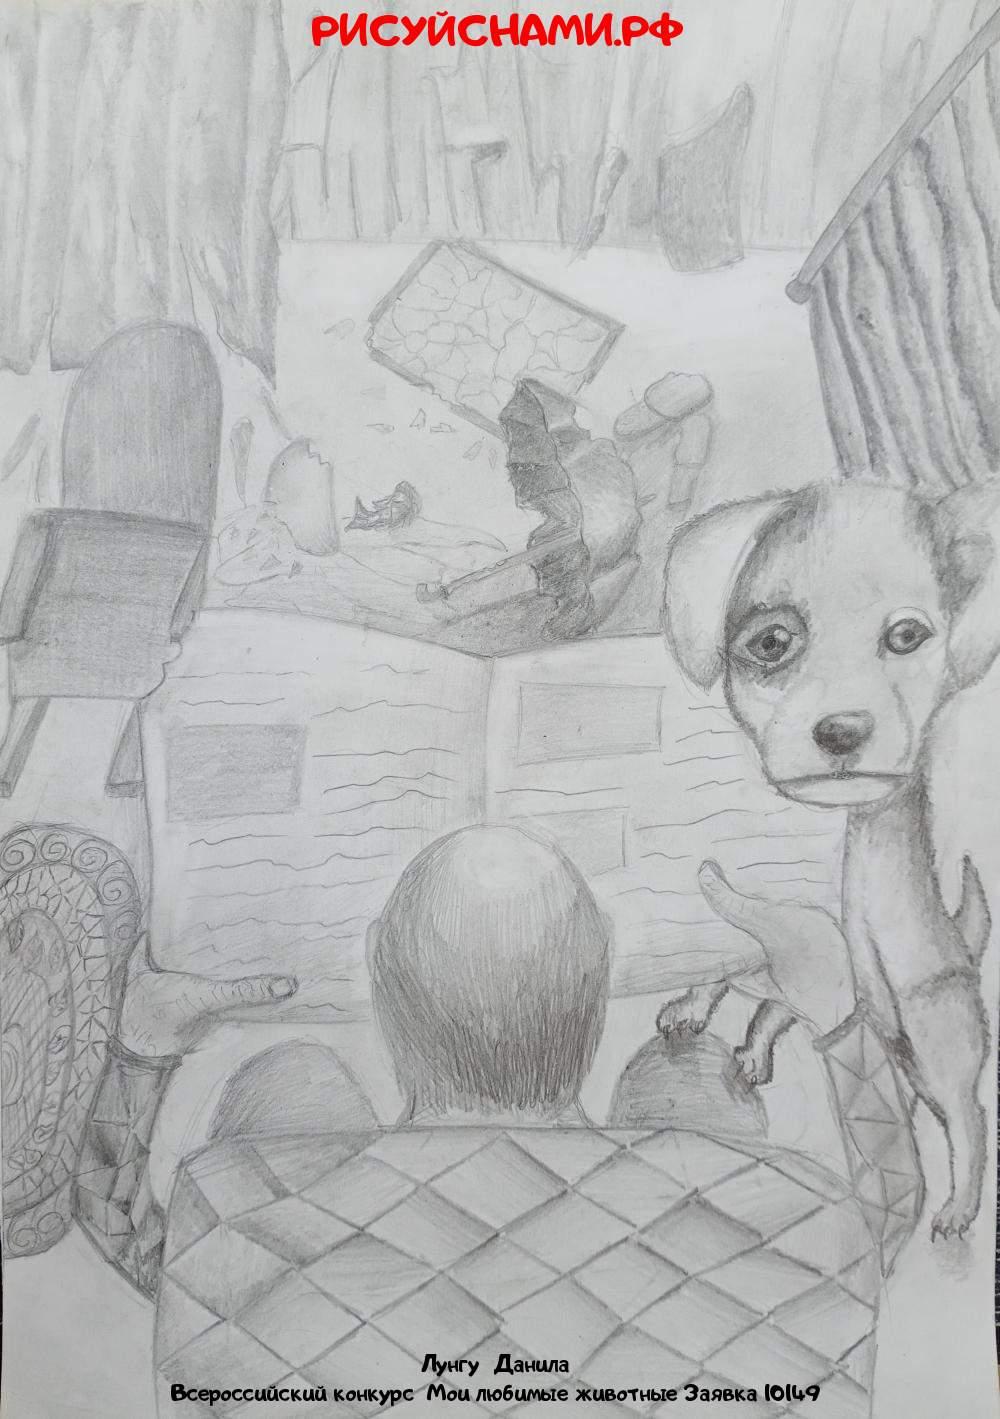 Всероссийский конкурс  Мои любимые животные Заявка 10149  творческие конкурсы рисунков для школьников и дошкольников рисуй с нами #тмрисуйснами рисунок и поделка - Лунгу  Данила